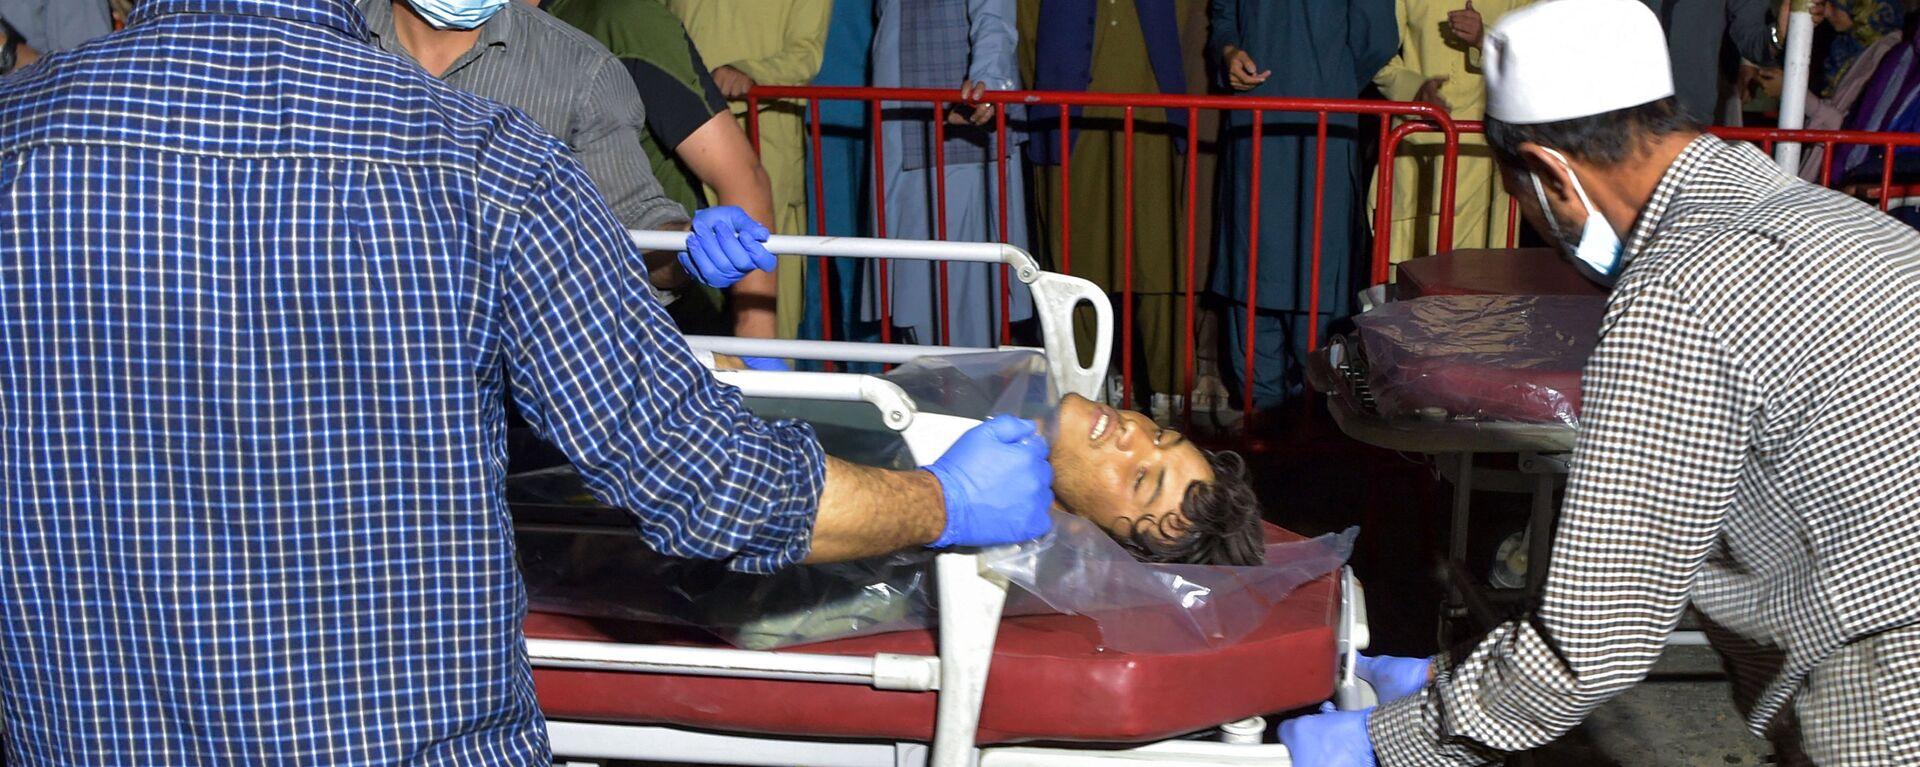 Медики помогают пострадавшим от двух мощных взрывов, произошедших в Кабуле - Sputnik Таджикистан, 1920, 27.08.2021